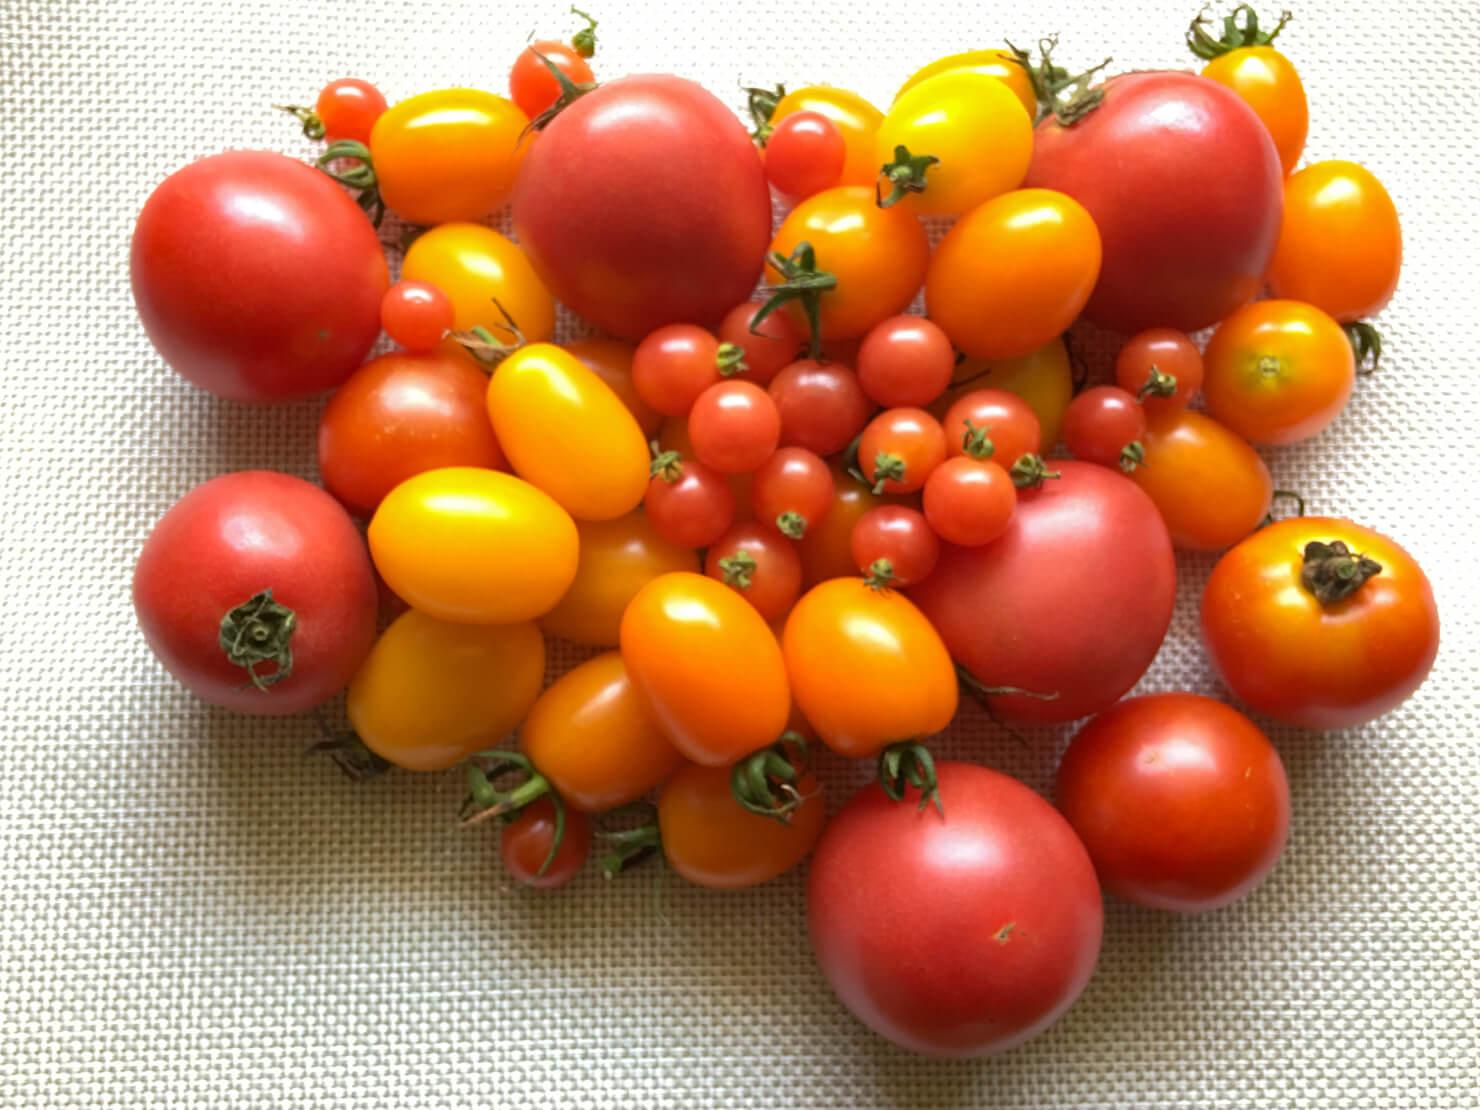 たくさんのトマトの写真